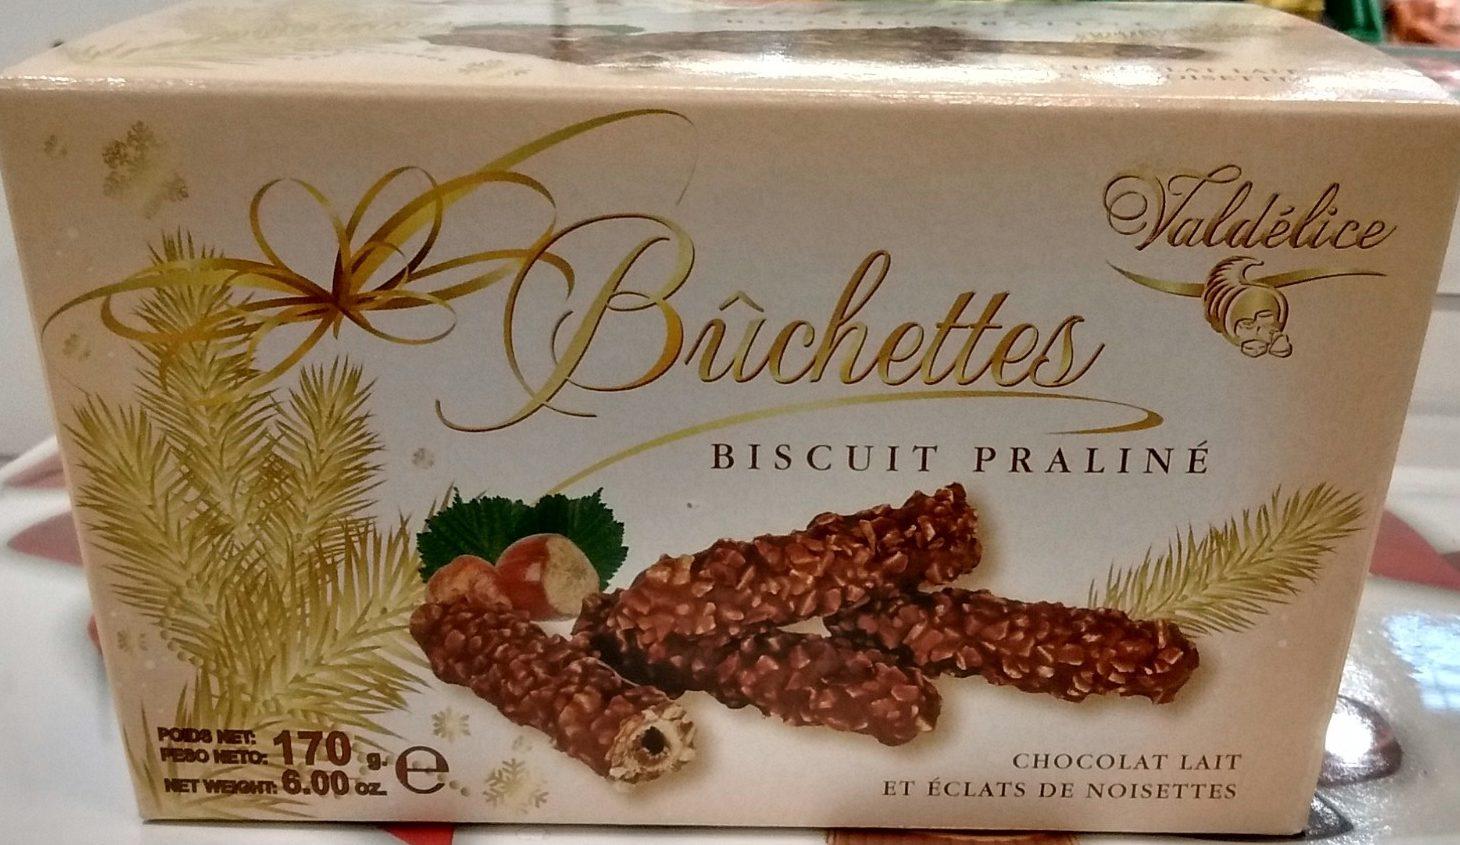 Bûchettes Biscuit Praliné - Produit - fr